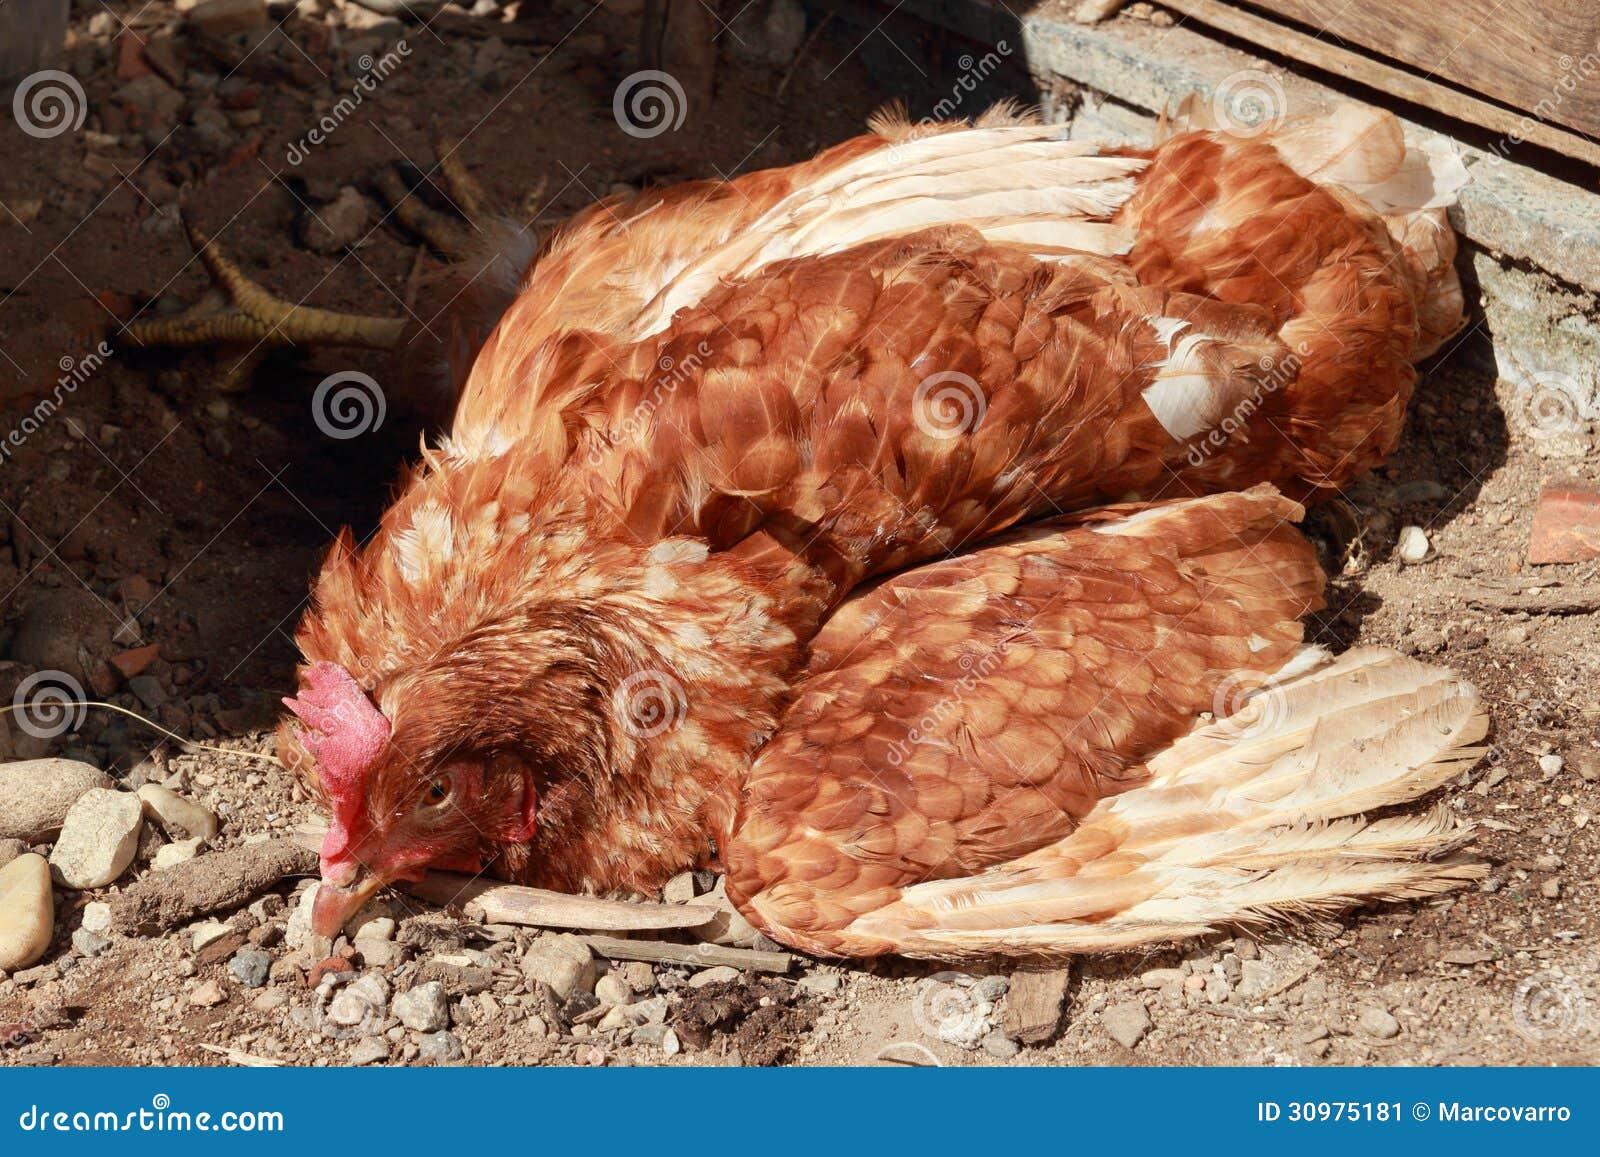 les maladies des poules - la poule wyandotte